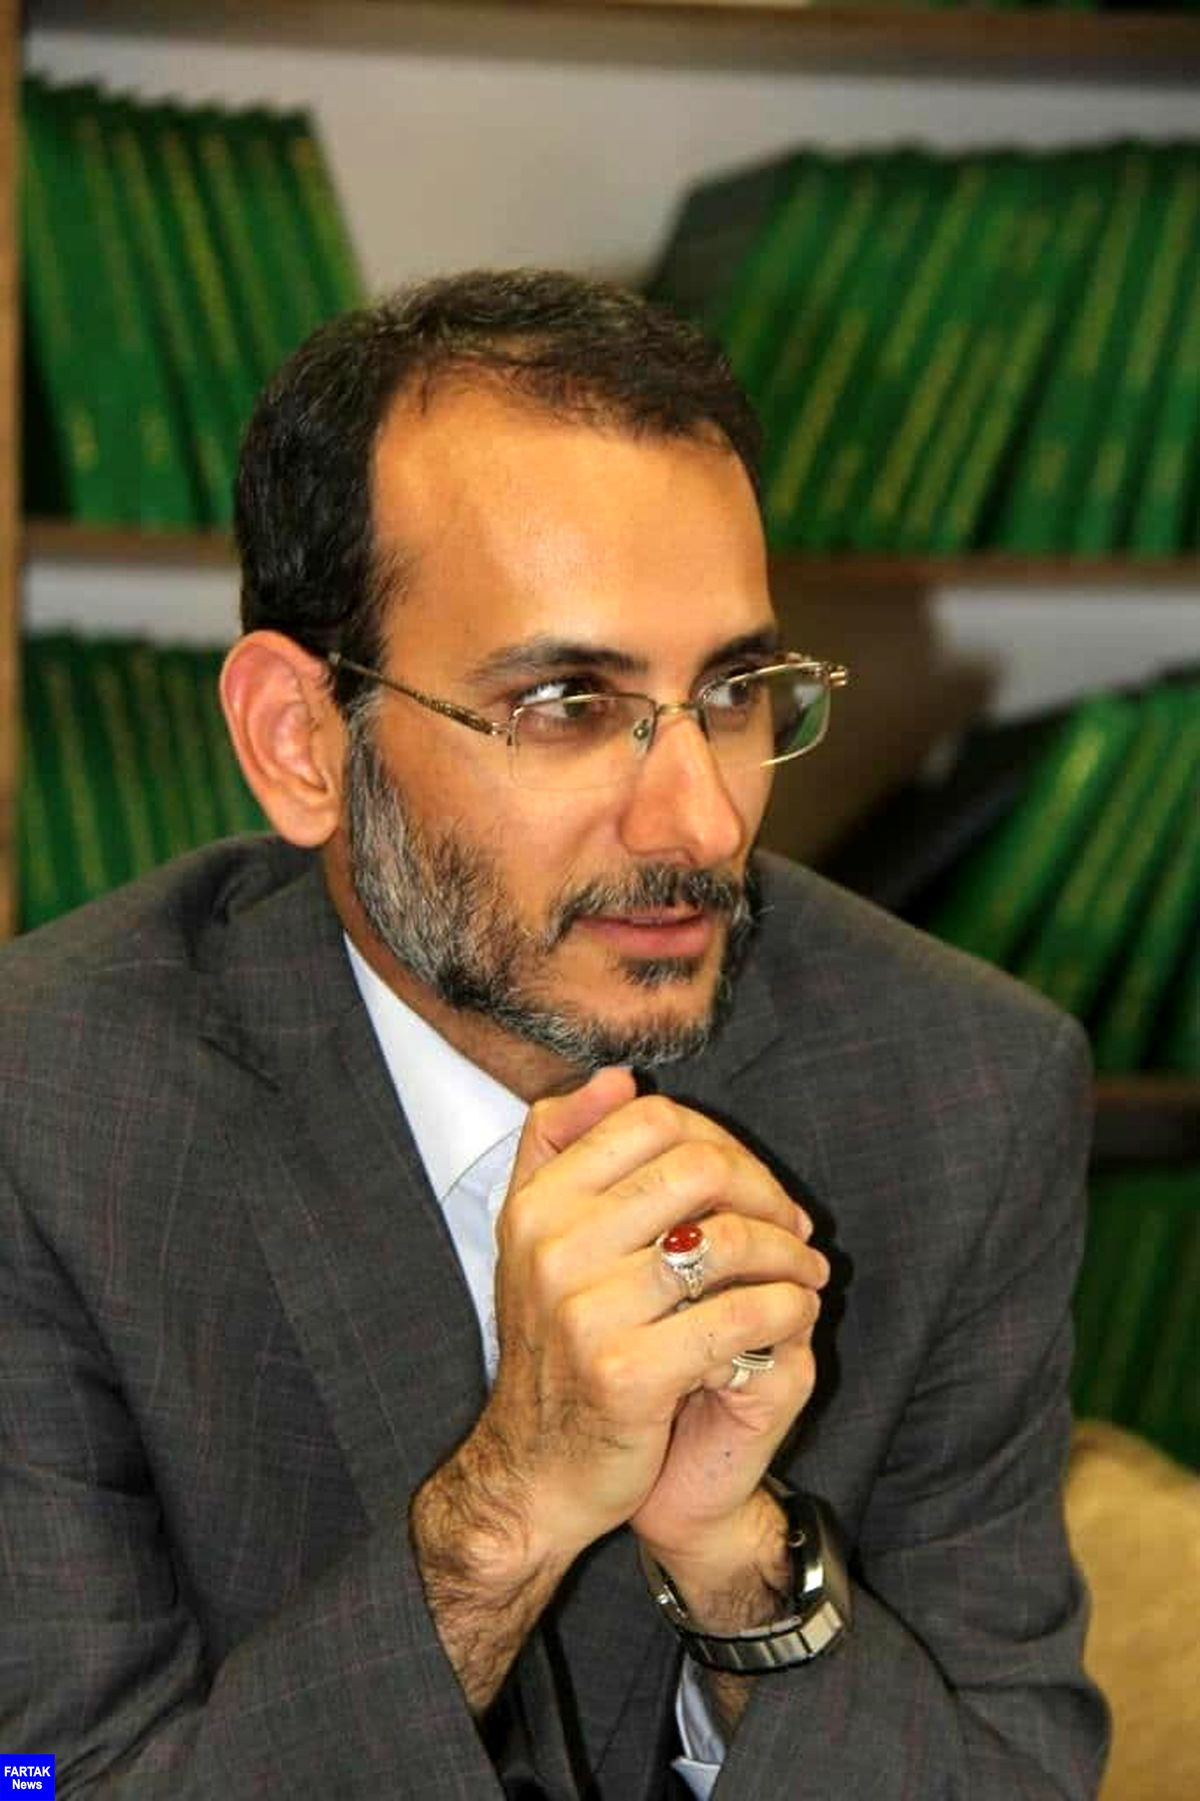 شناسایی چهار هزار و نهصد میلیارد تومان املاک شهرداری بعنوان پشتوانه ی مالی شهرداری کرمانشاه